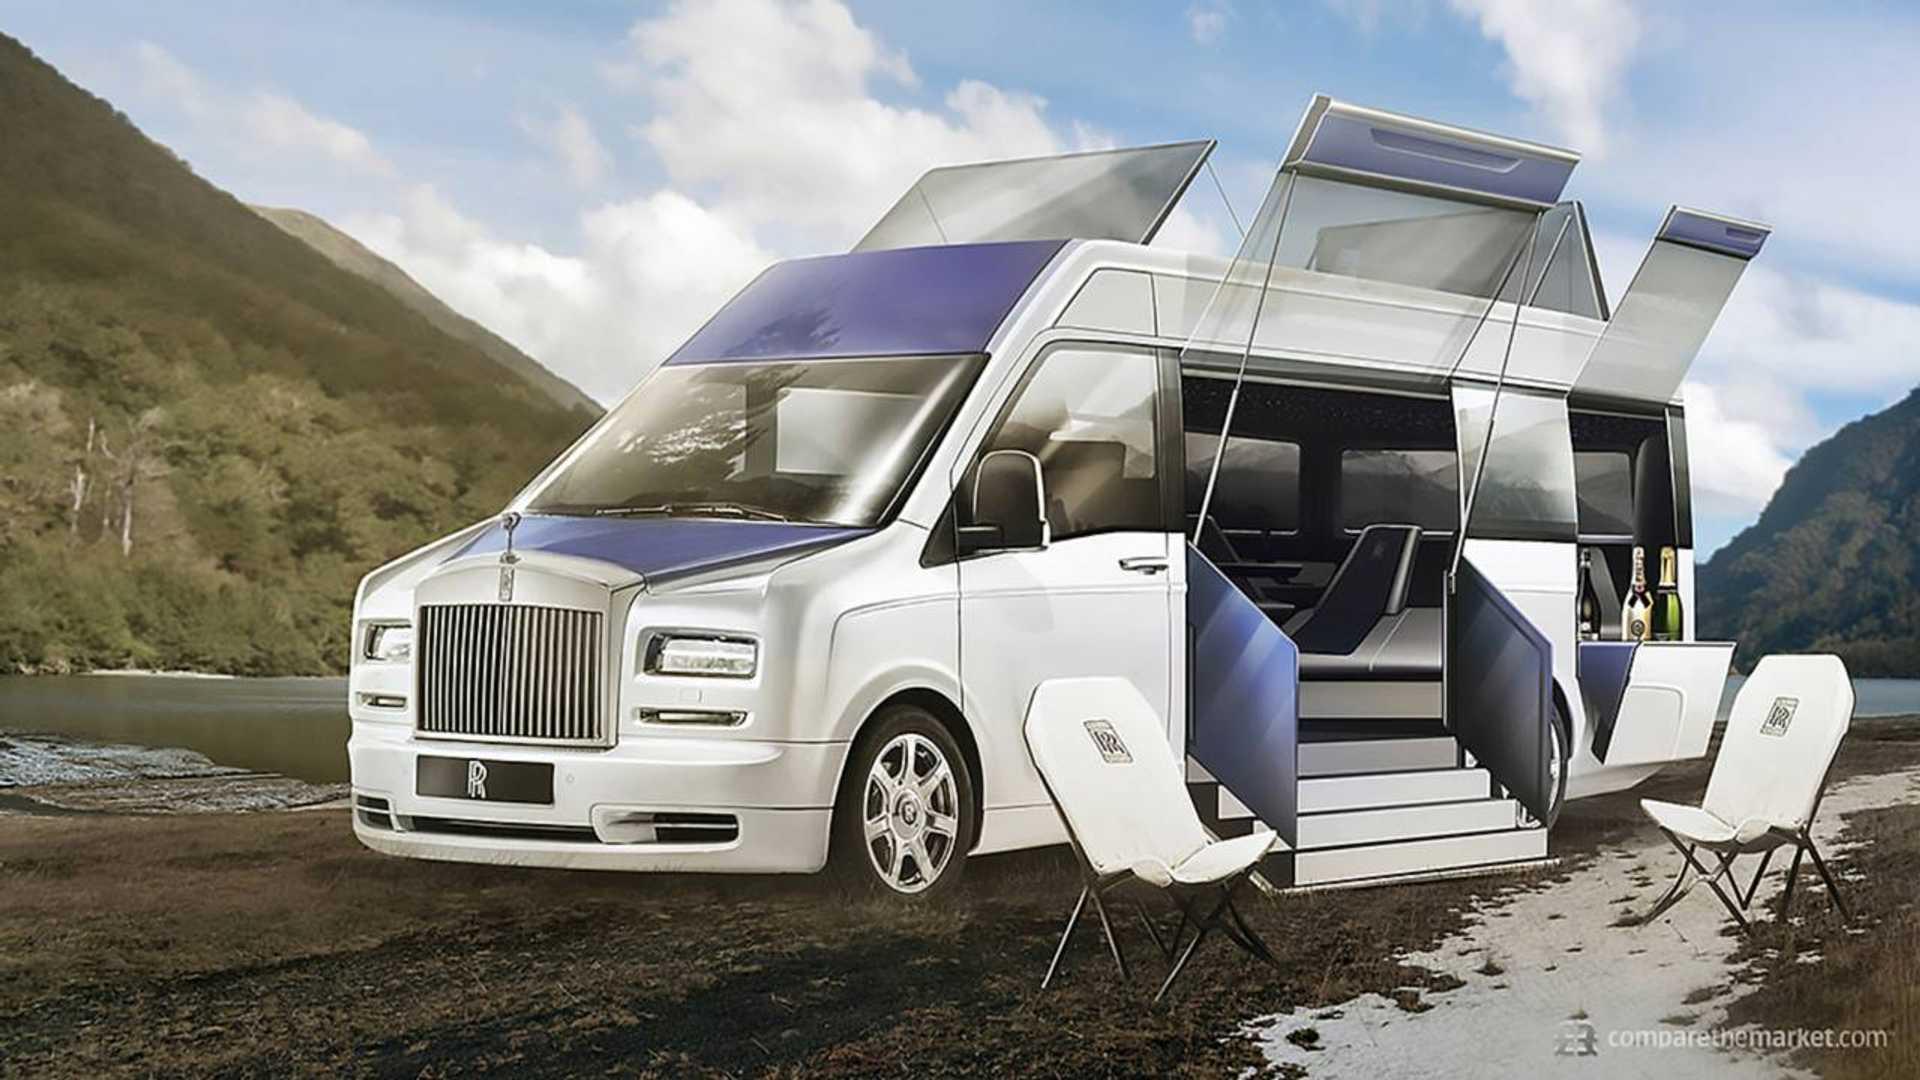 df9b808bf04026 What If Luxury Carmakers Built Camper Vans   vanlife